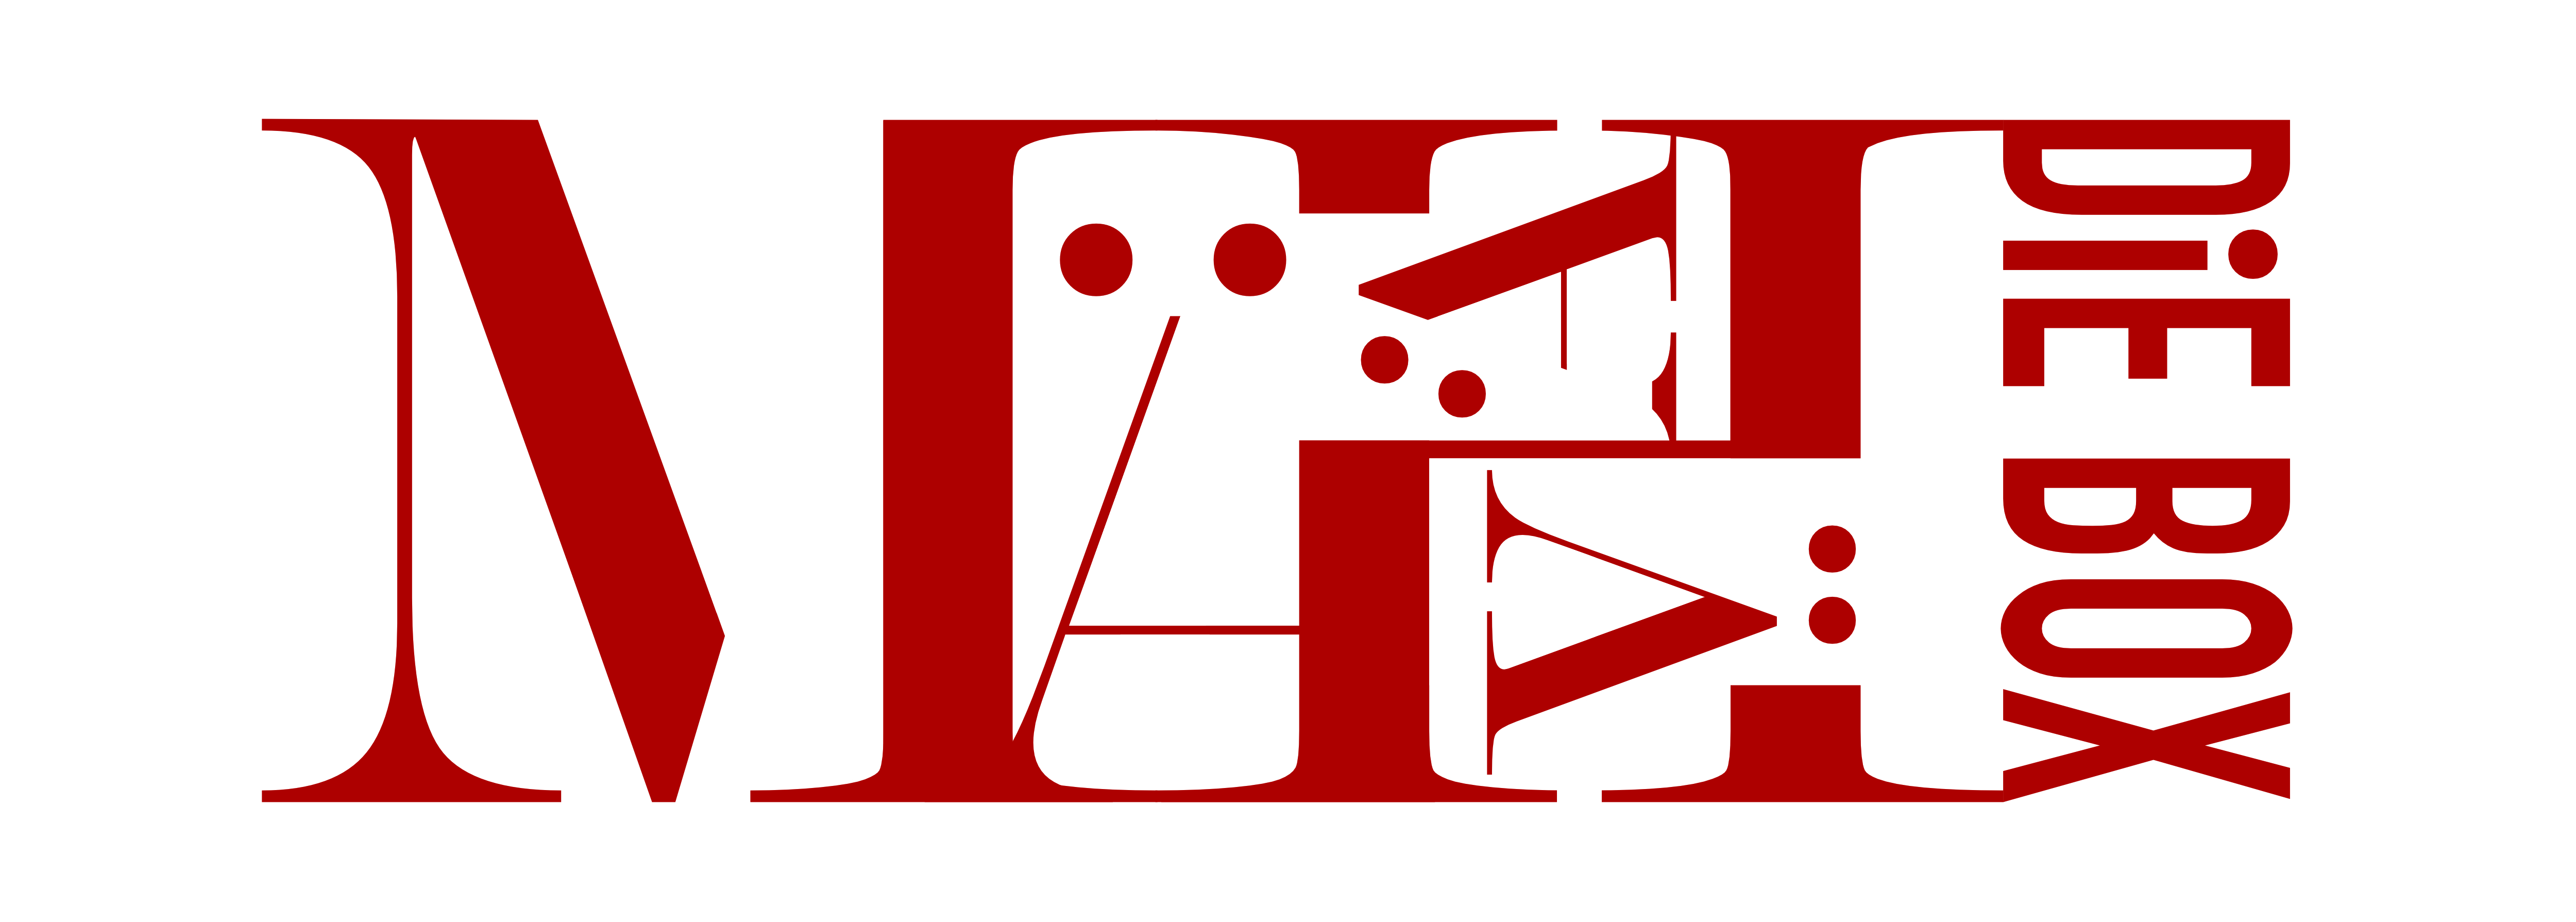 Logo-Maeaeaeh-Die-Box-Website